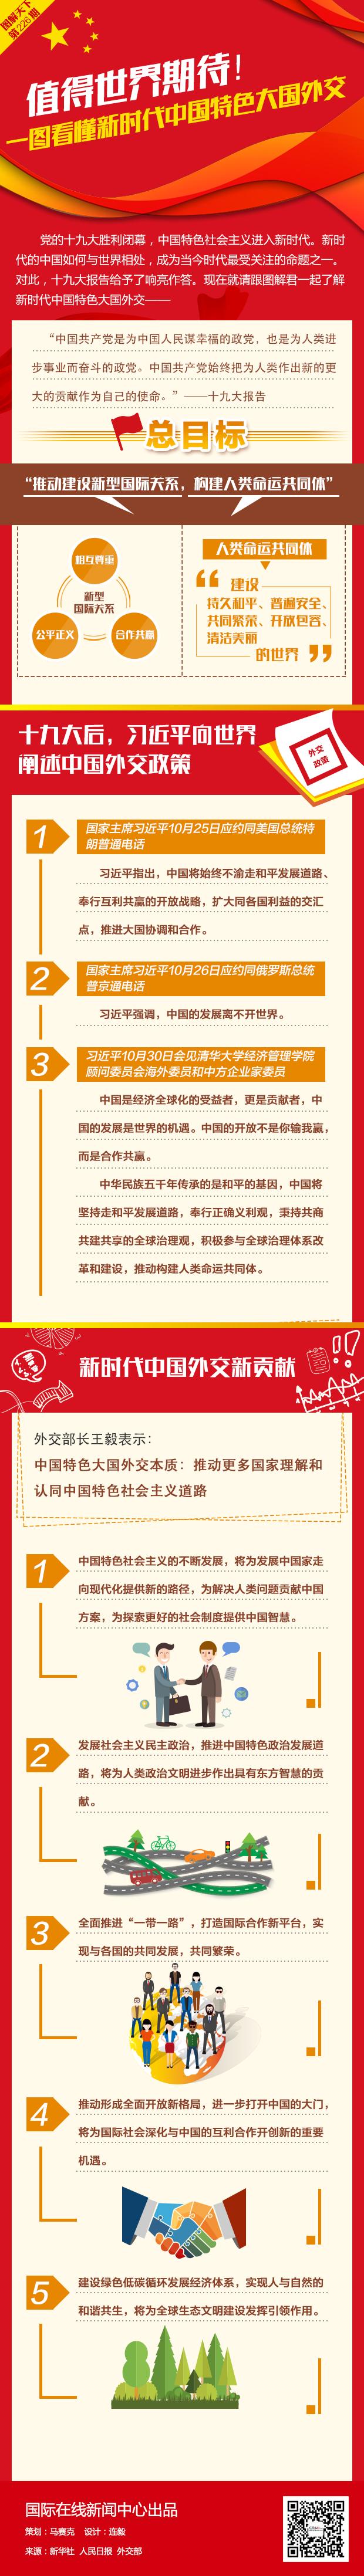 图片默认标题_fororder_图解226 中国外交